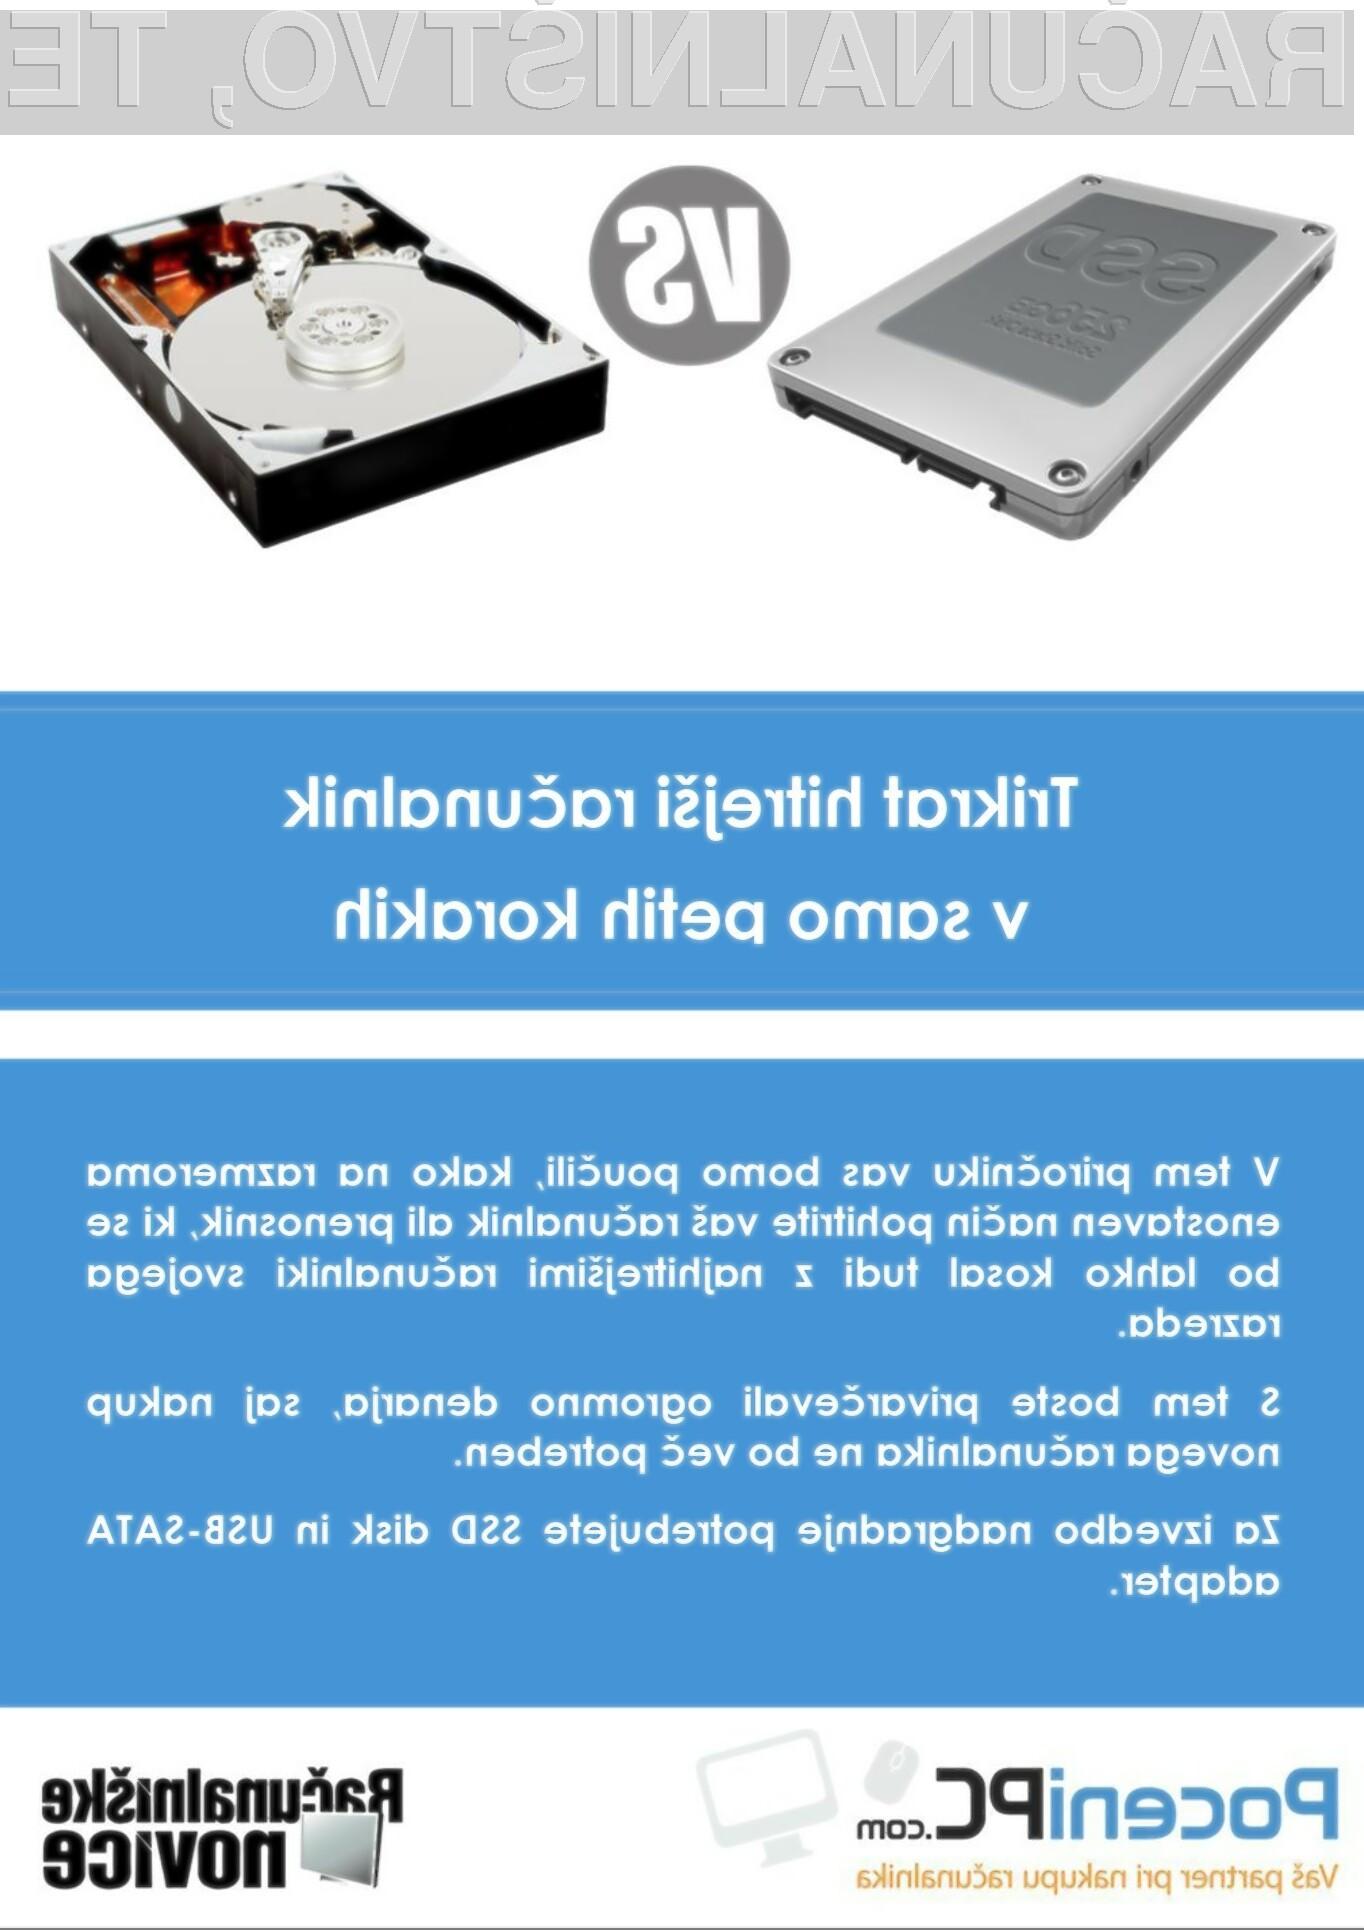 Priročnik za vgradnjo SSD diska